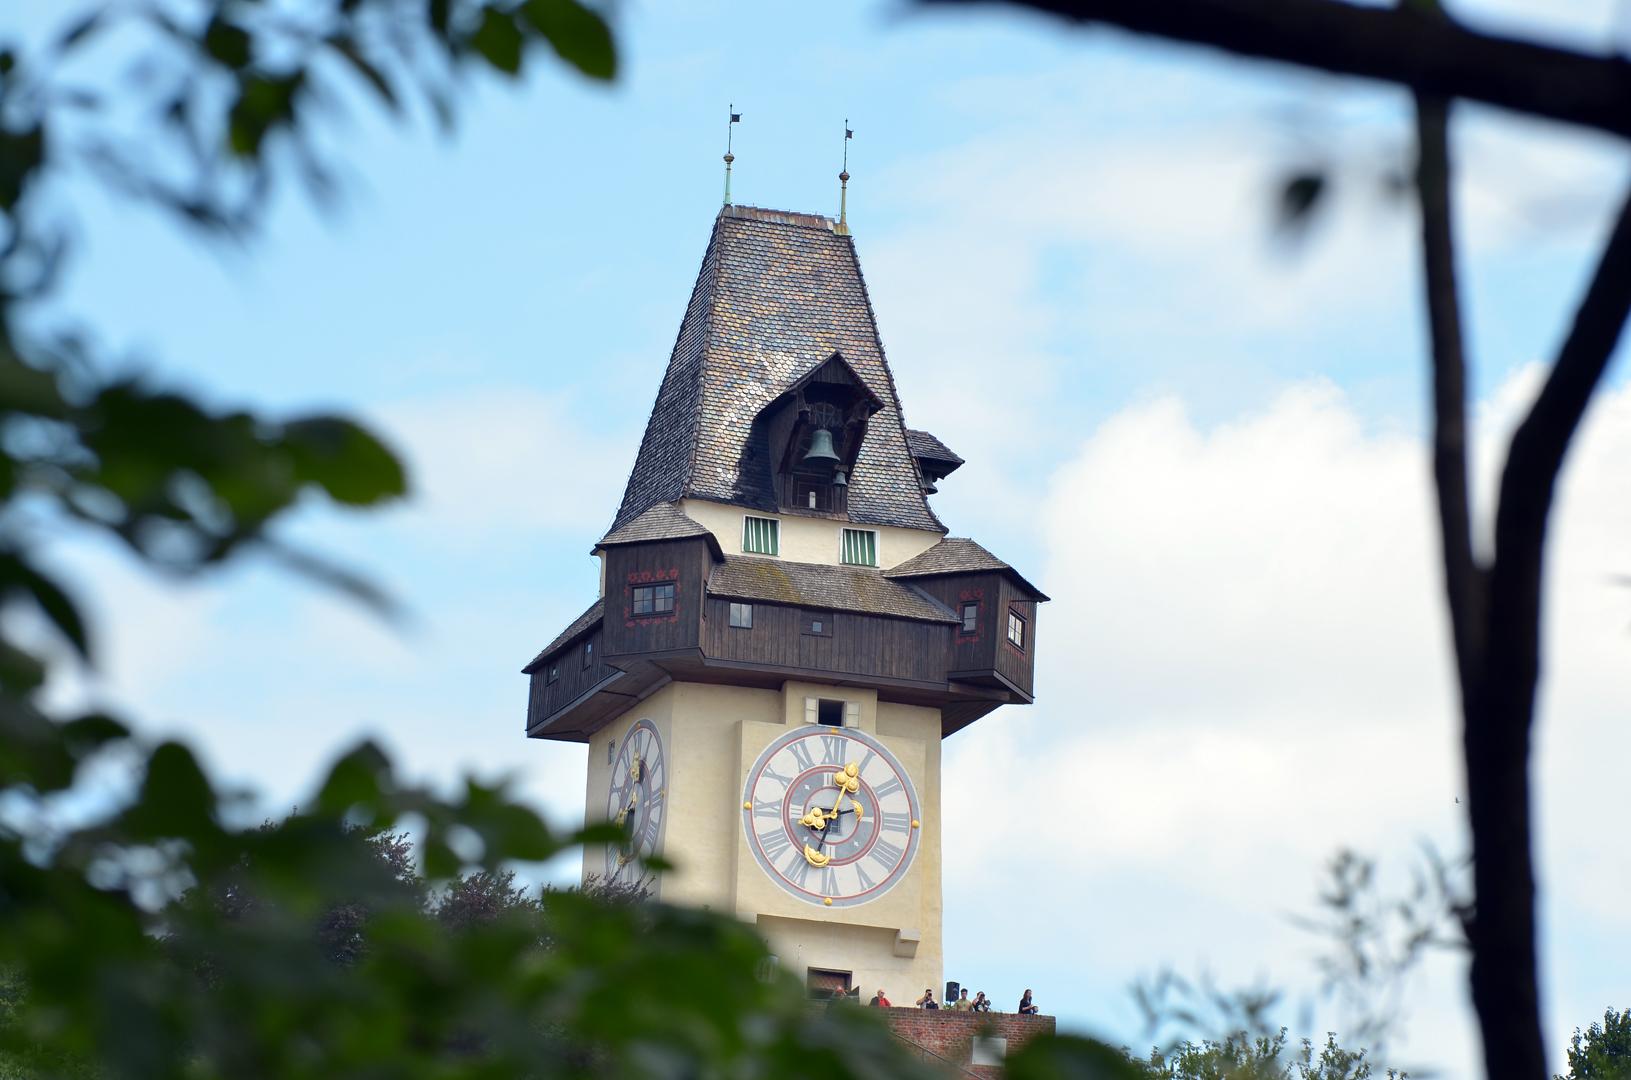 Das klassische Wahrzeichen von Graz: Der Uhrturm am Schlossberg